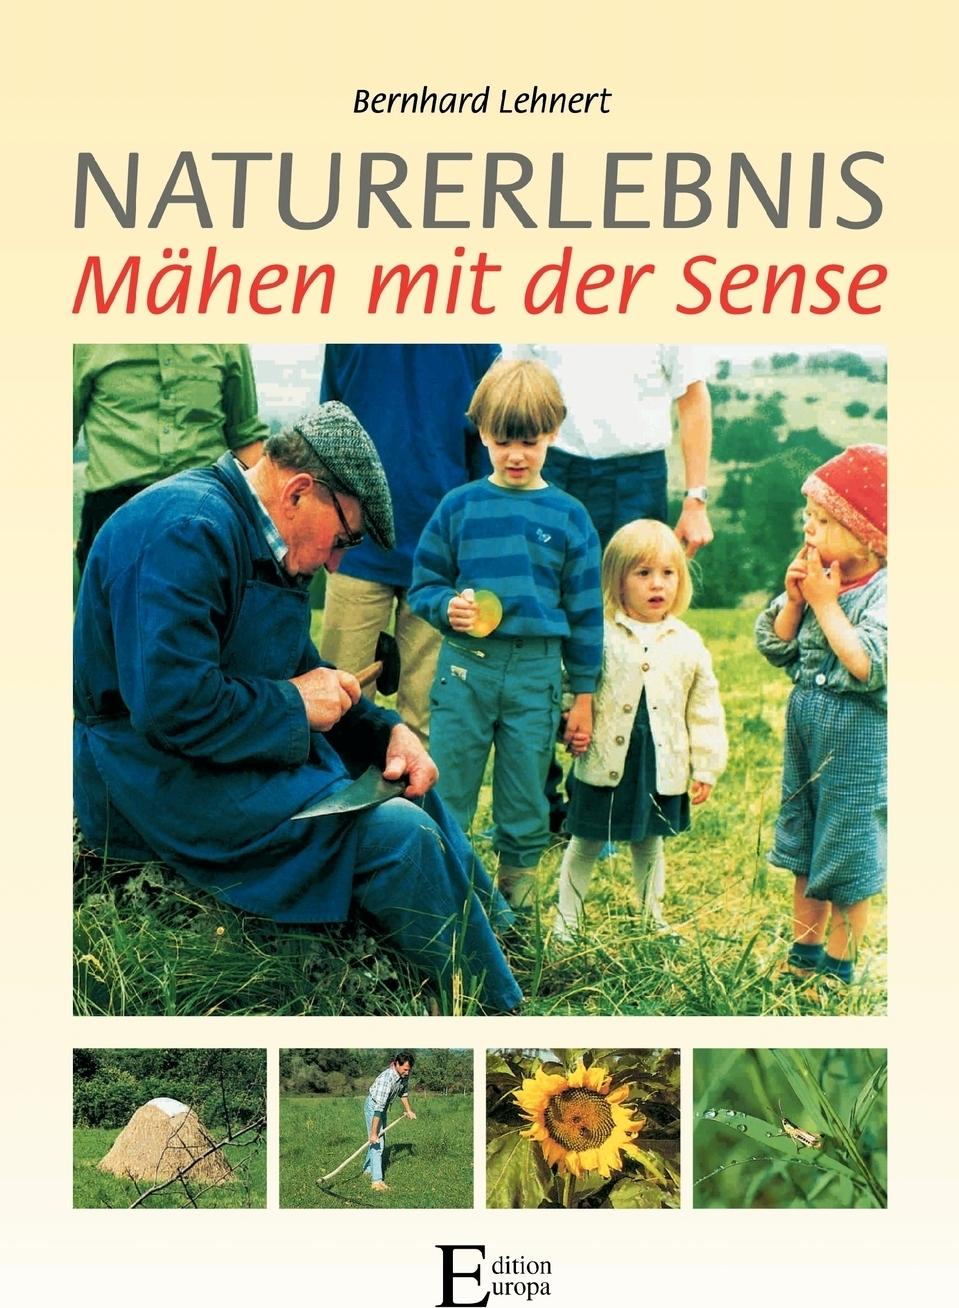 Bernhard Lehnert. Naturerlebnis - Mahen mit der Sense